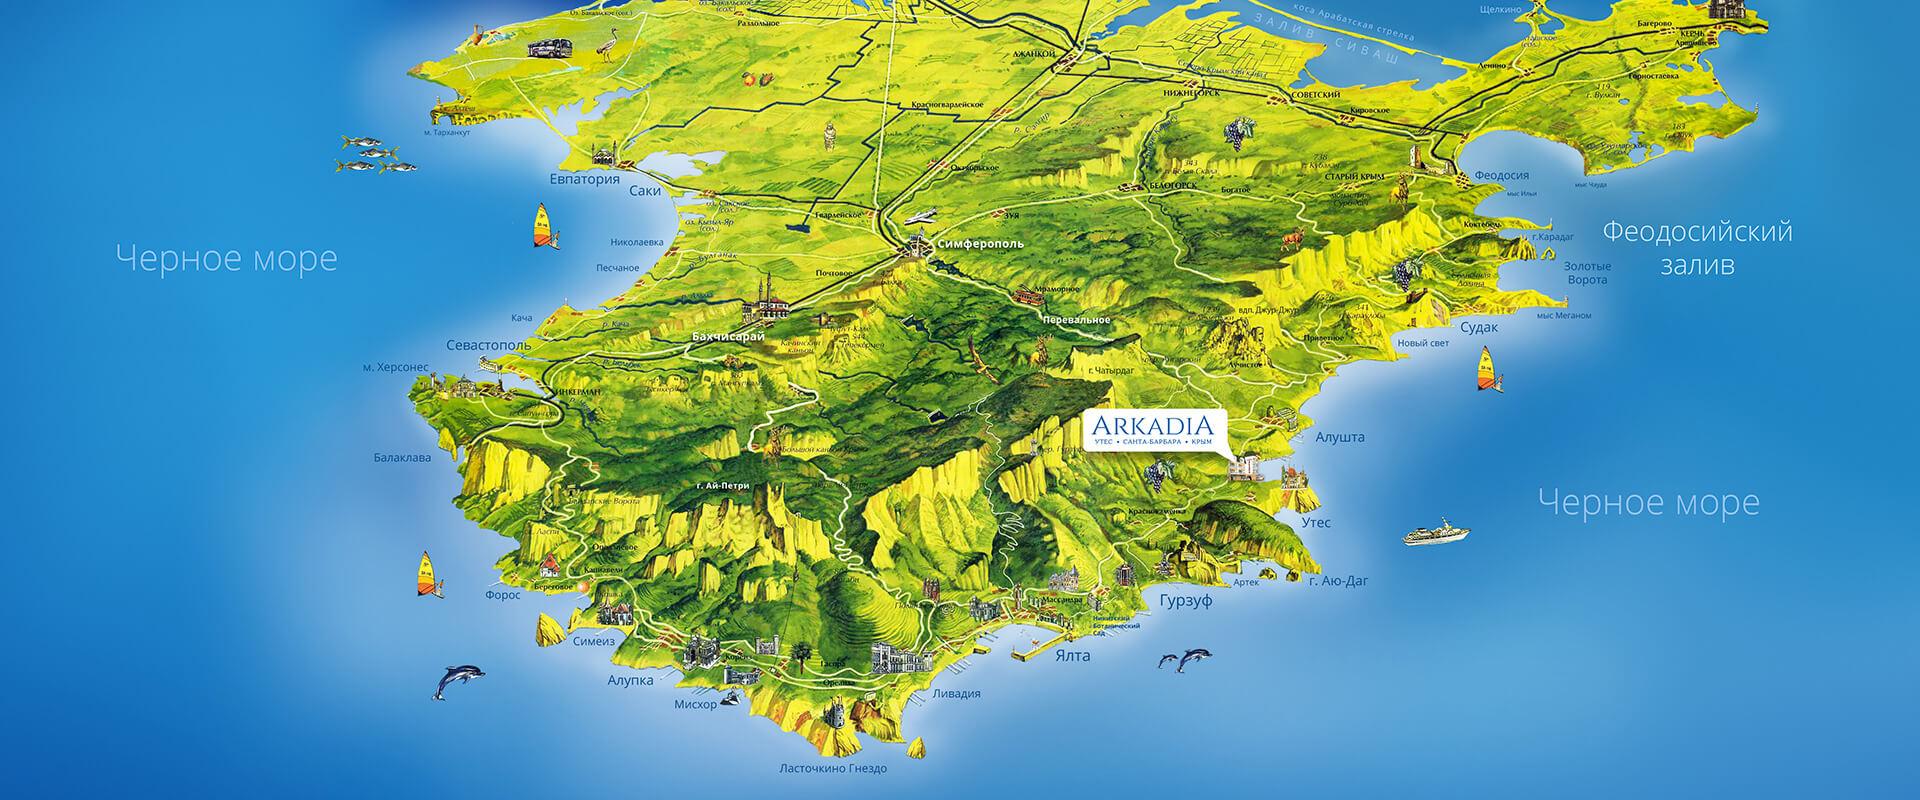 картинки карт крыма что, нас черногорией